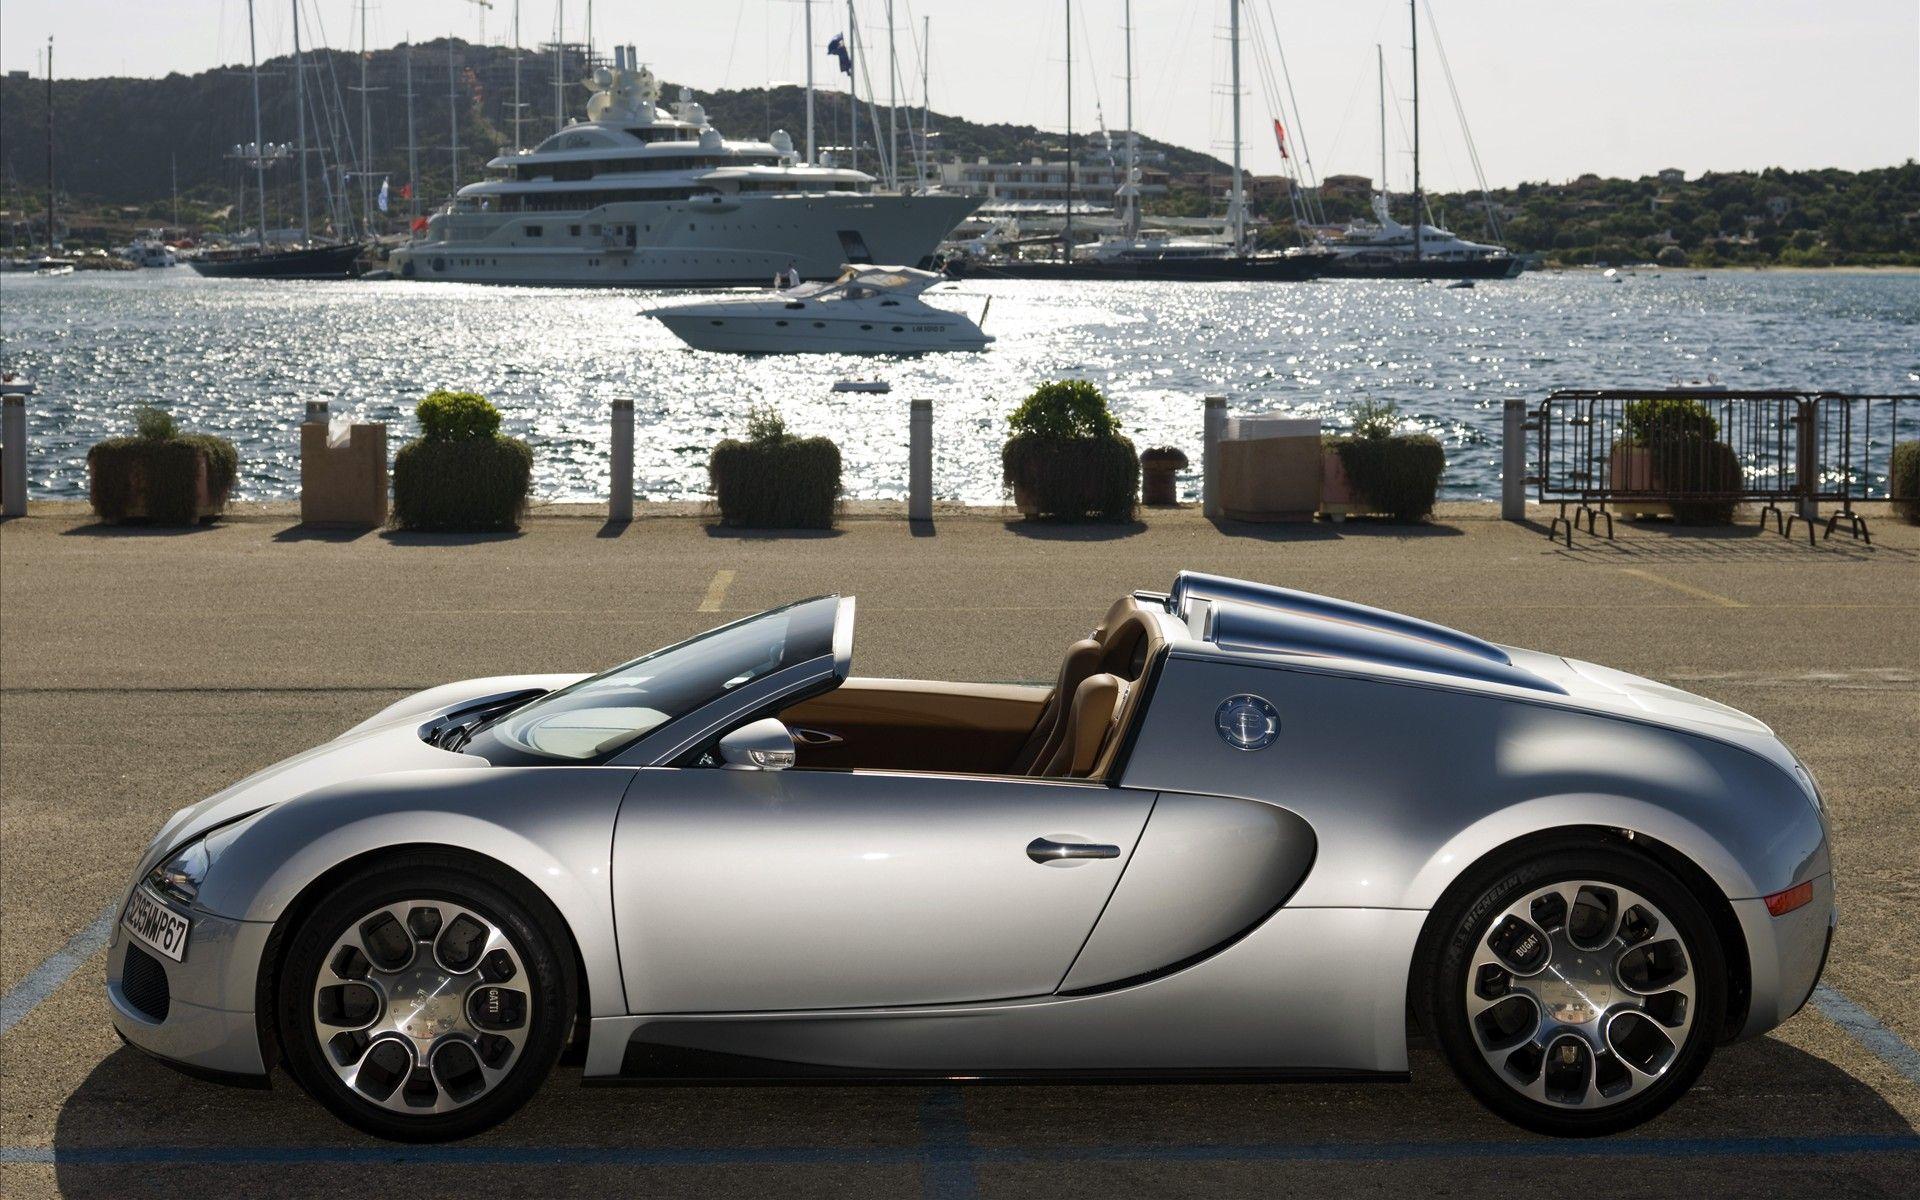 75ff144d05e090e3256002ccd8739aae Wonderful Bugatti Veyron Xbox 360 Games Cars Trend